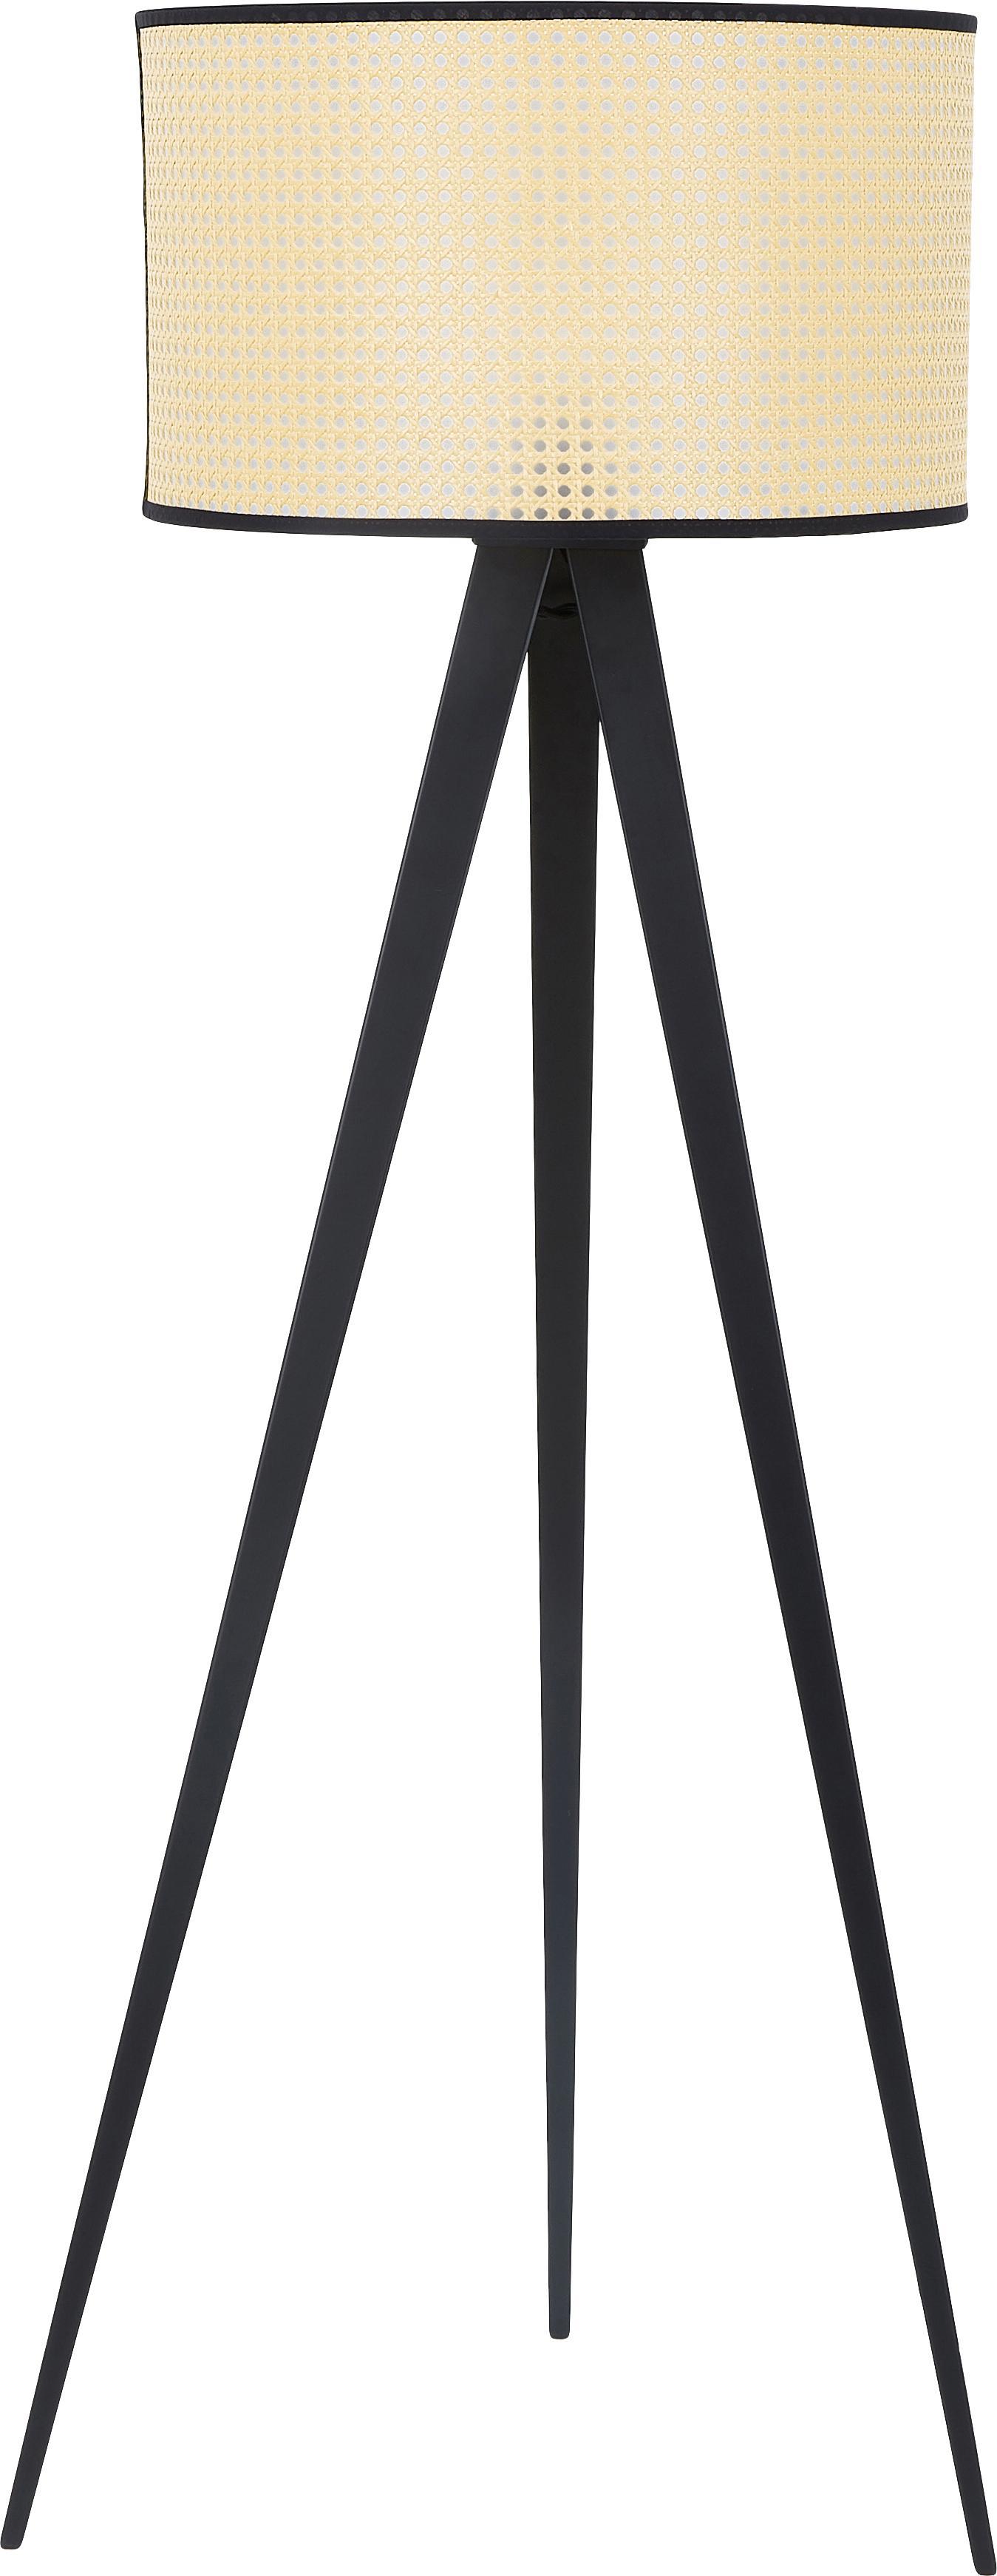 Stehlampe Vienna mit Schirm aus Wiener Geflecht, Lampenschirm: Kunststoff, Lampenfuß: Metall, pulverbeschichtet, Lampenschirm: Beige, SchwarzLampenfuß: Schwarz, mattKabel: Schwarz, ∅ 50 x H 154 cm